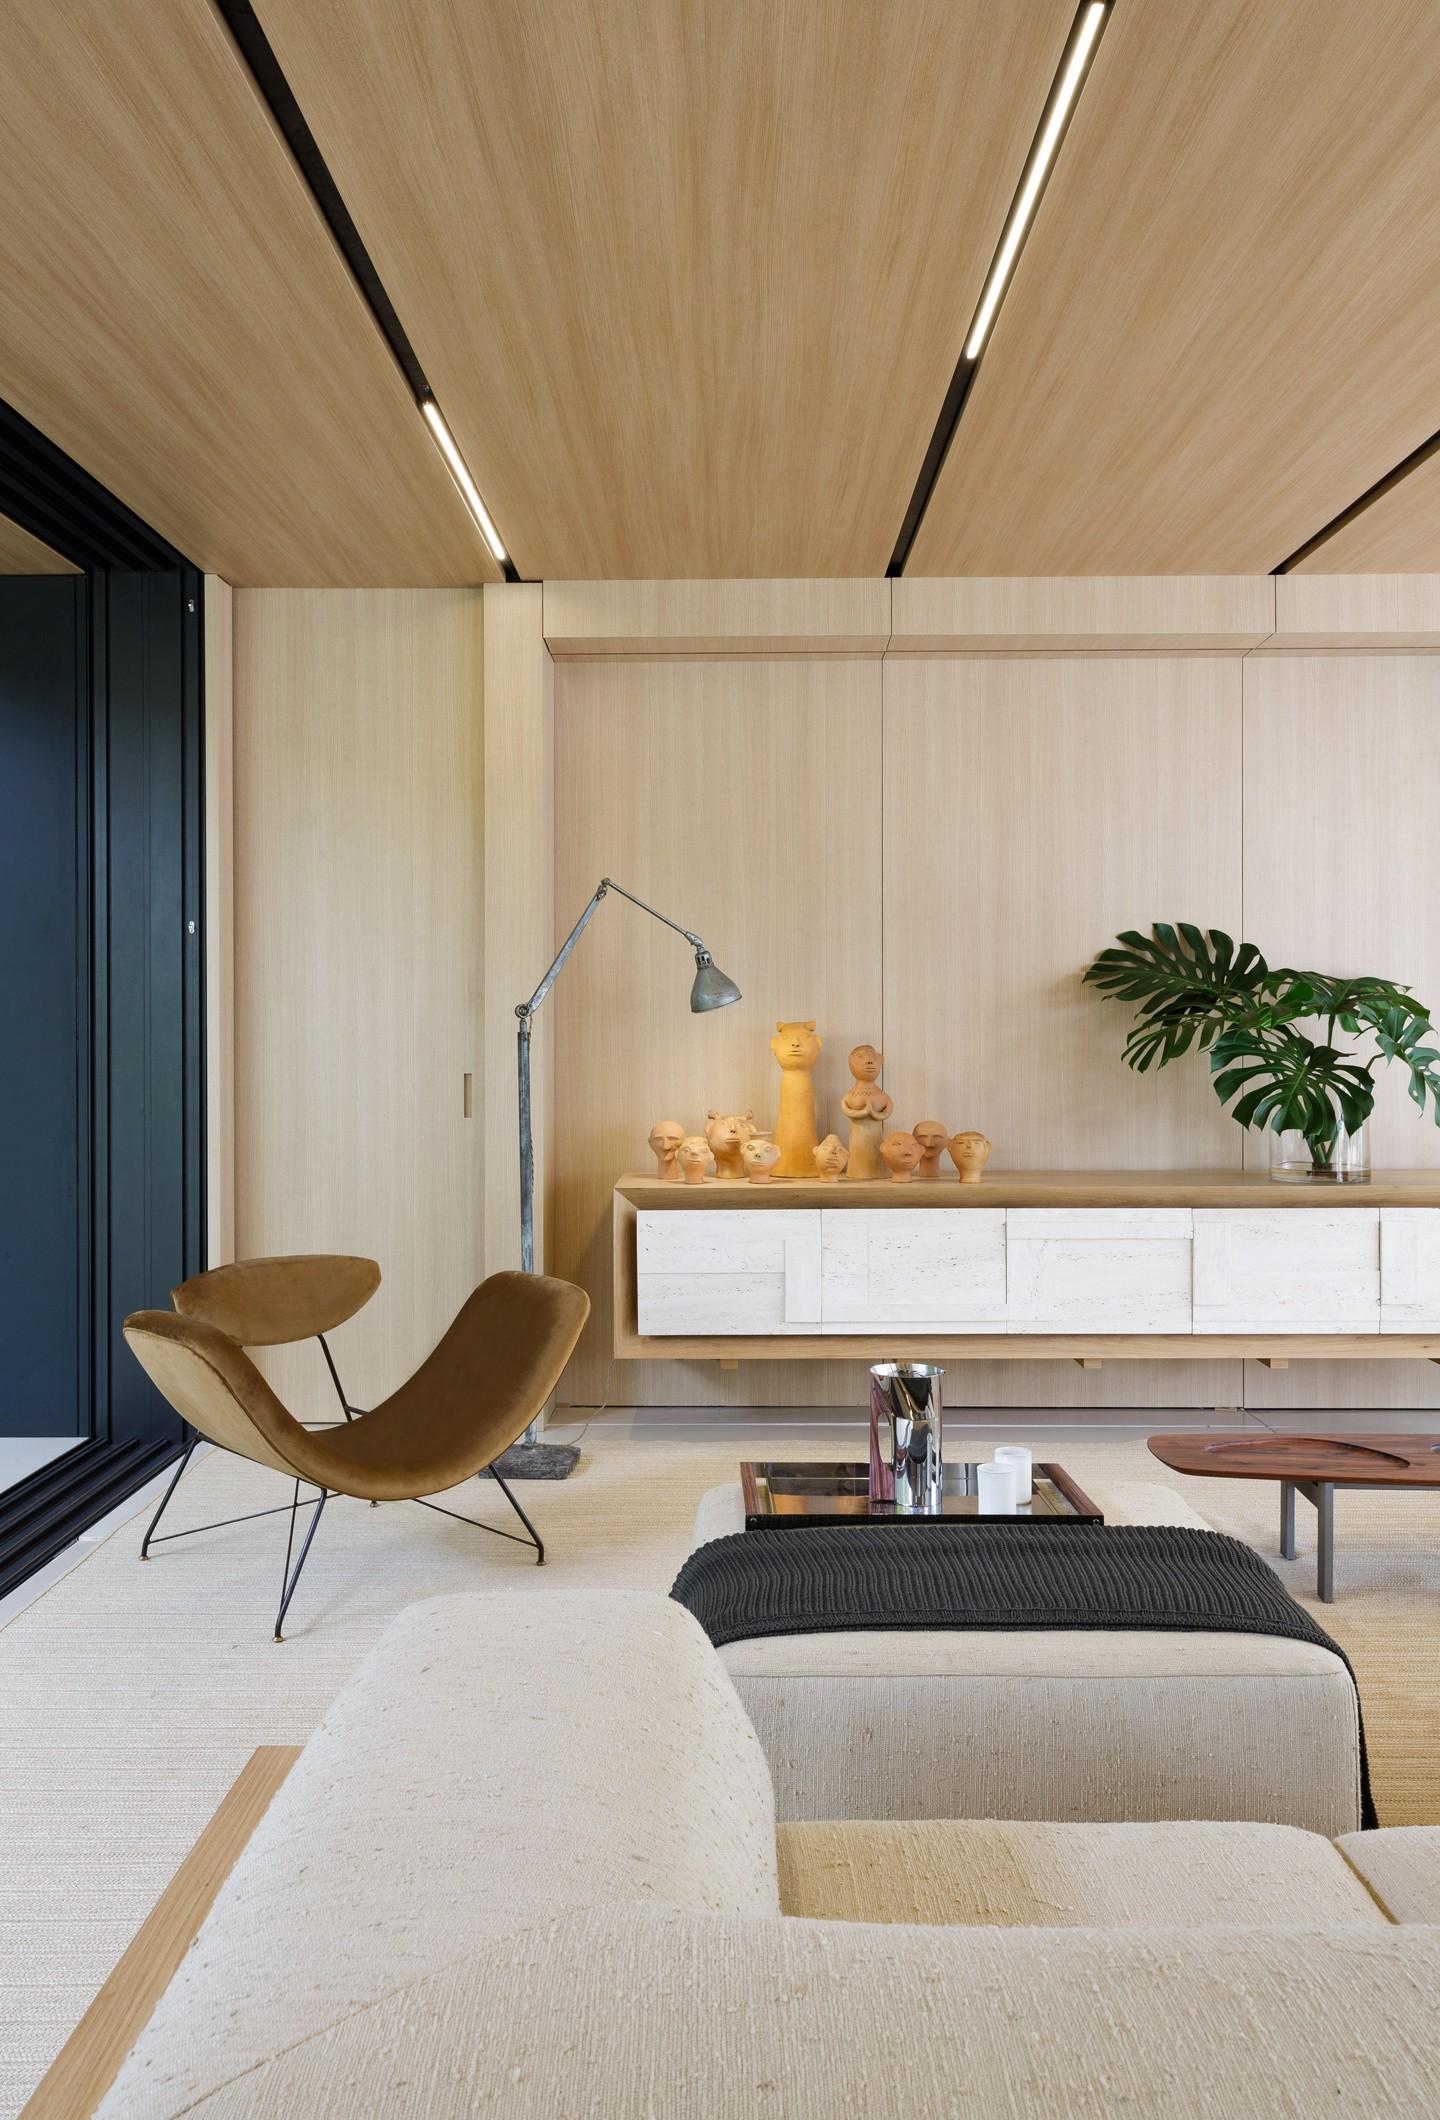 Décor do dia: madeira até o teto na sala de estar (Foto: Divulgação)